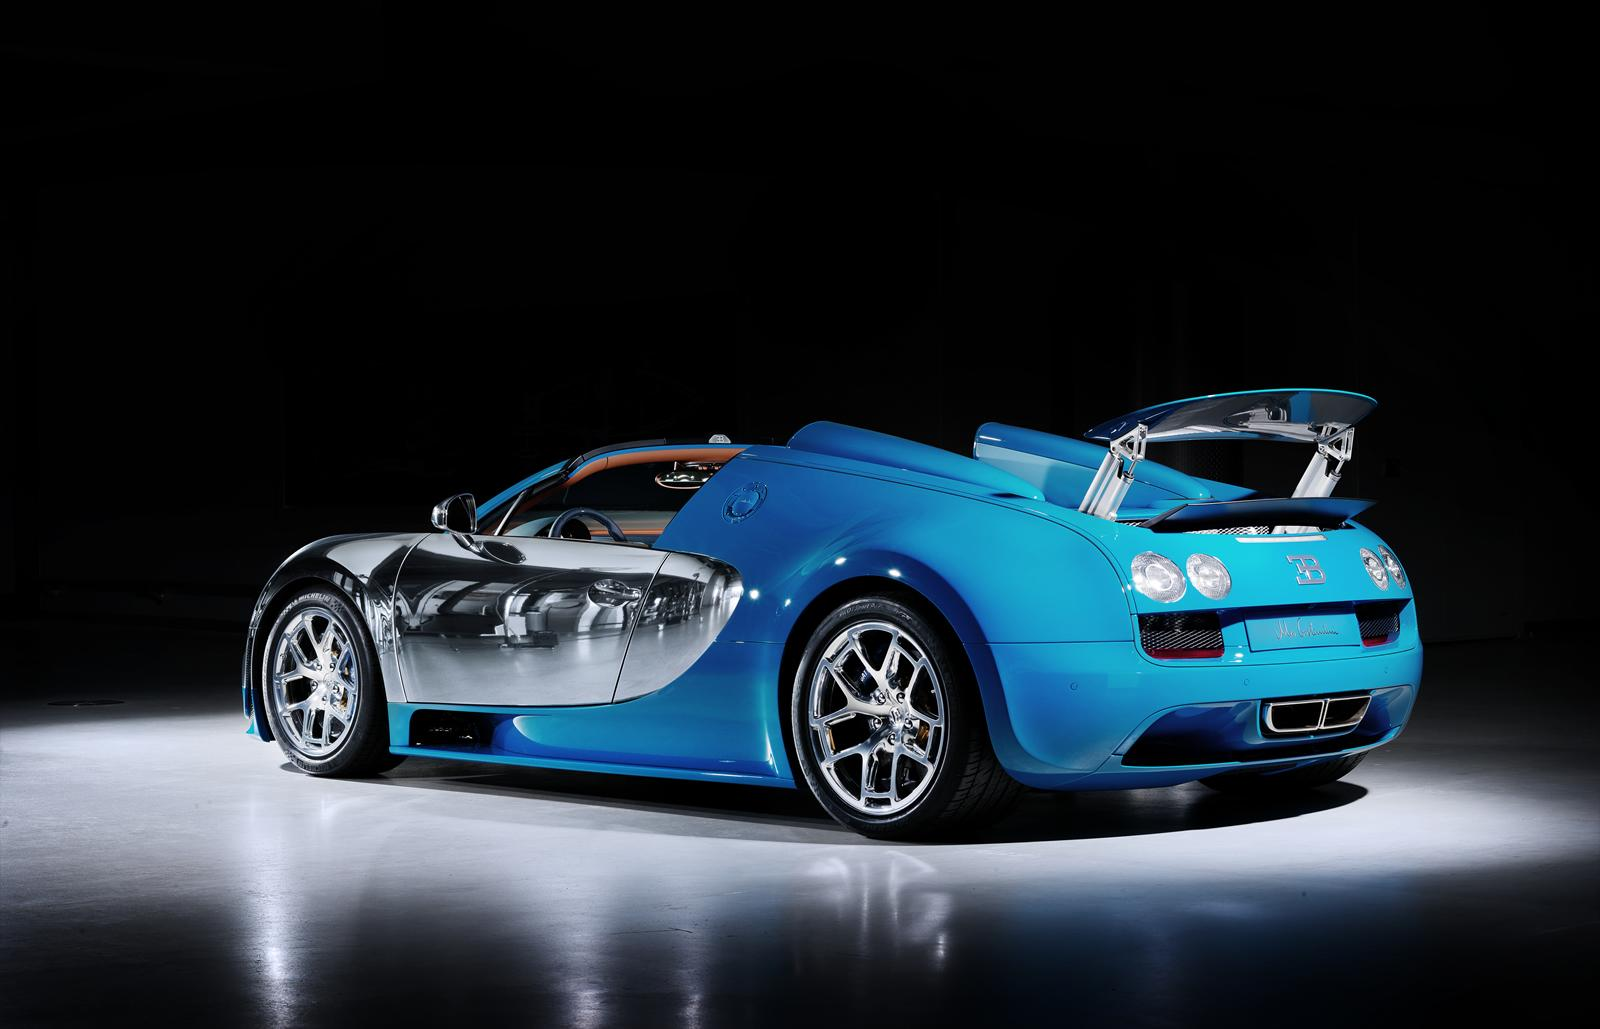 bugatti veyron meo costantini edition breaks cover autoevolution. Black Bedroom Furniture Sets. Home Design Ideas